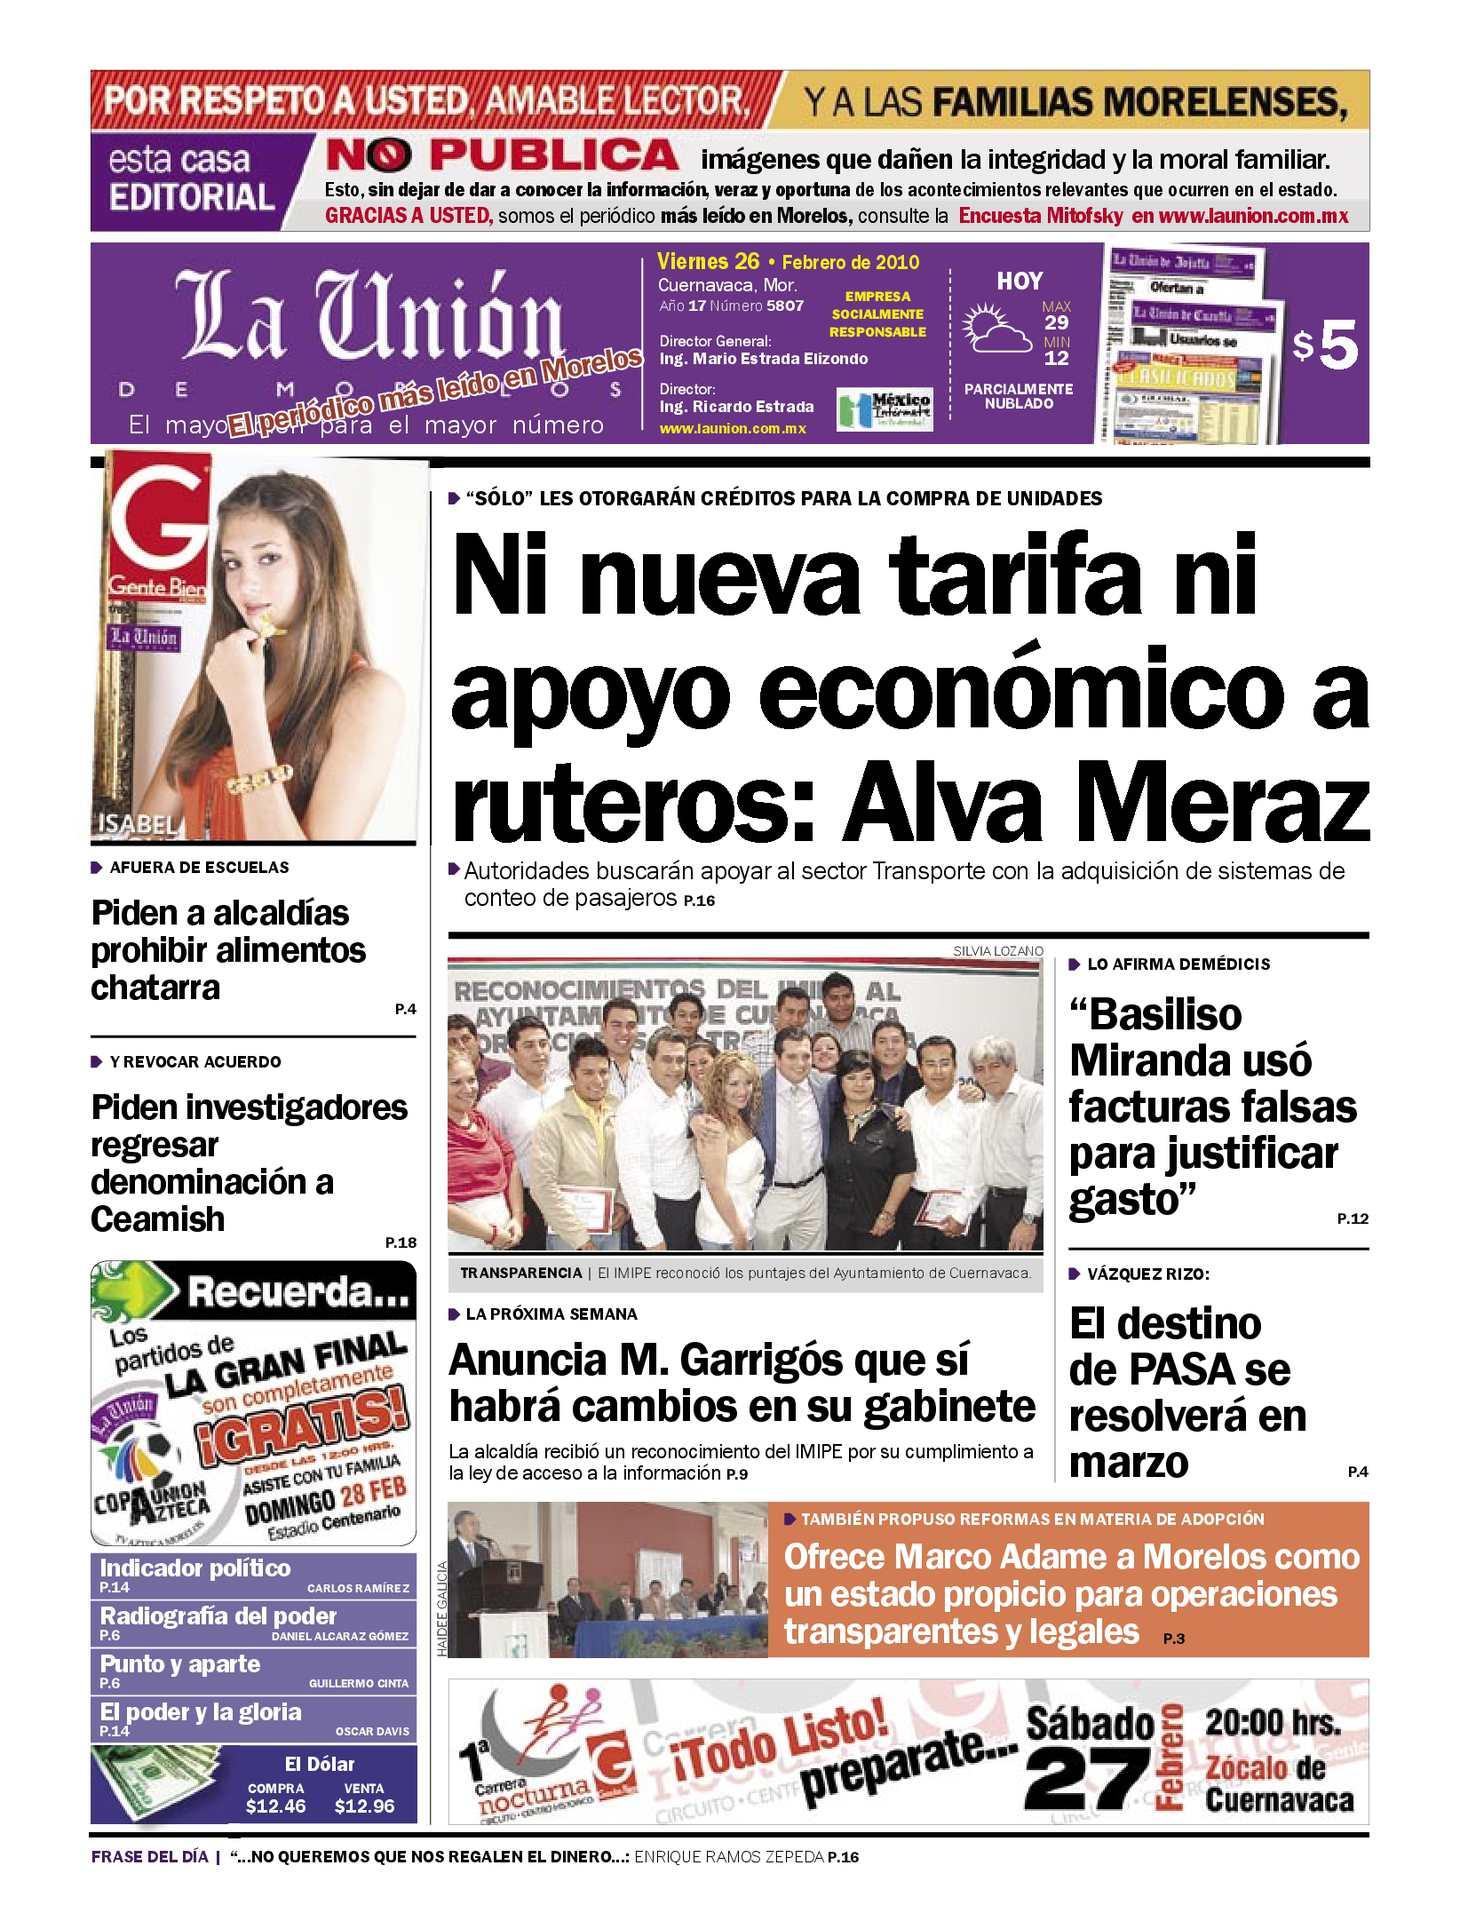 c074eb29f1c4 Calaméo - La Unión de Morelos 26 Febrero 2010